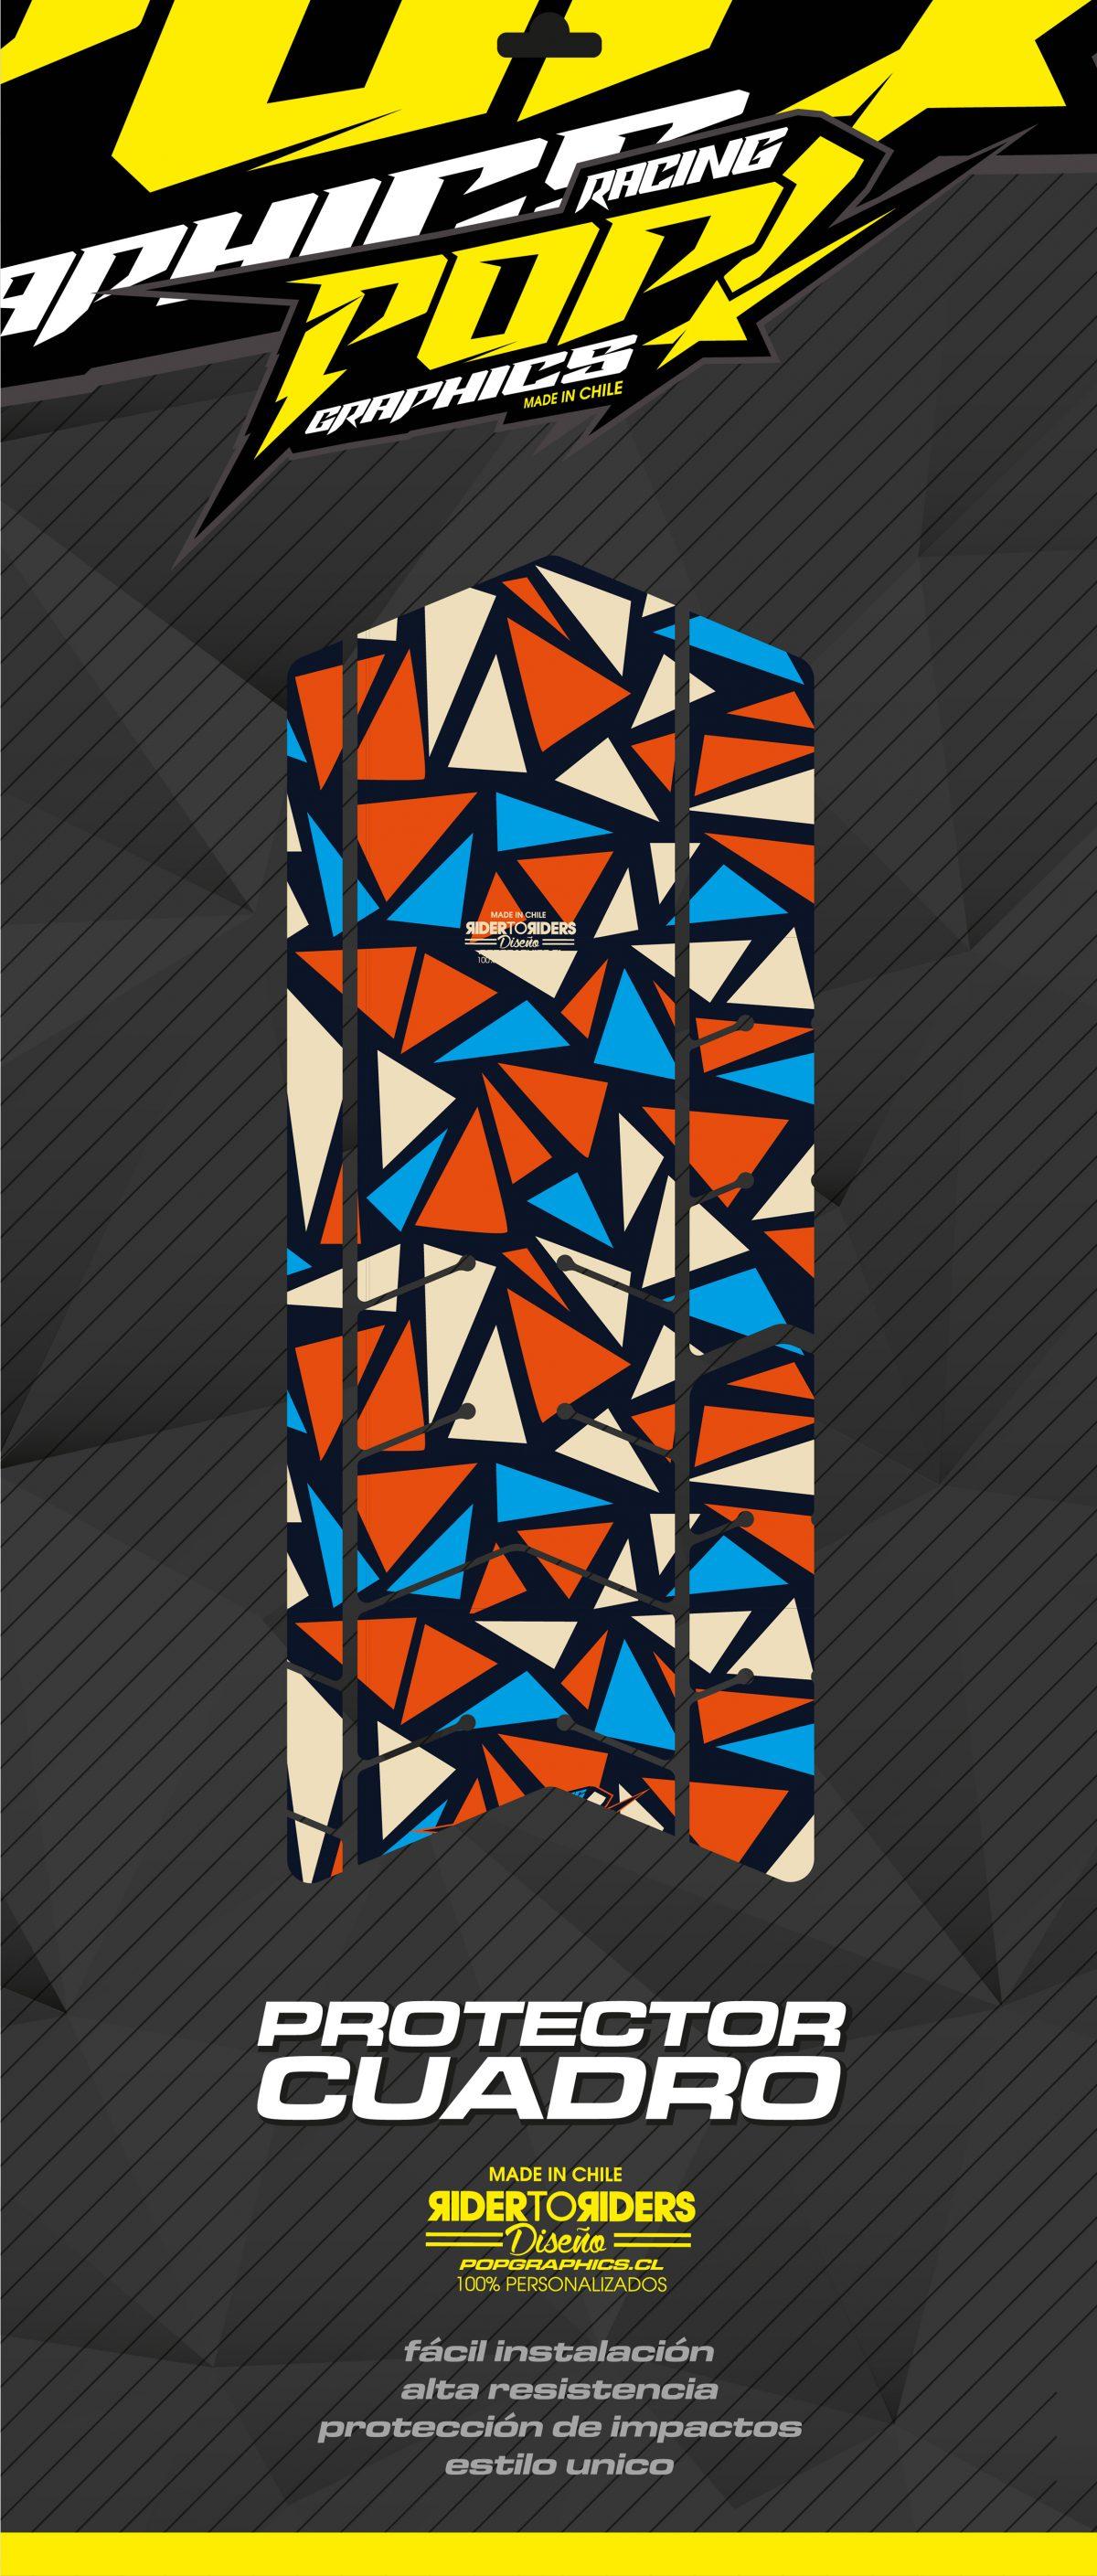 Protector triángulos colores